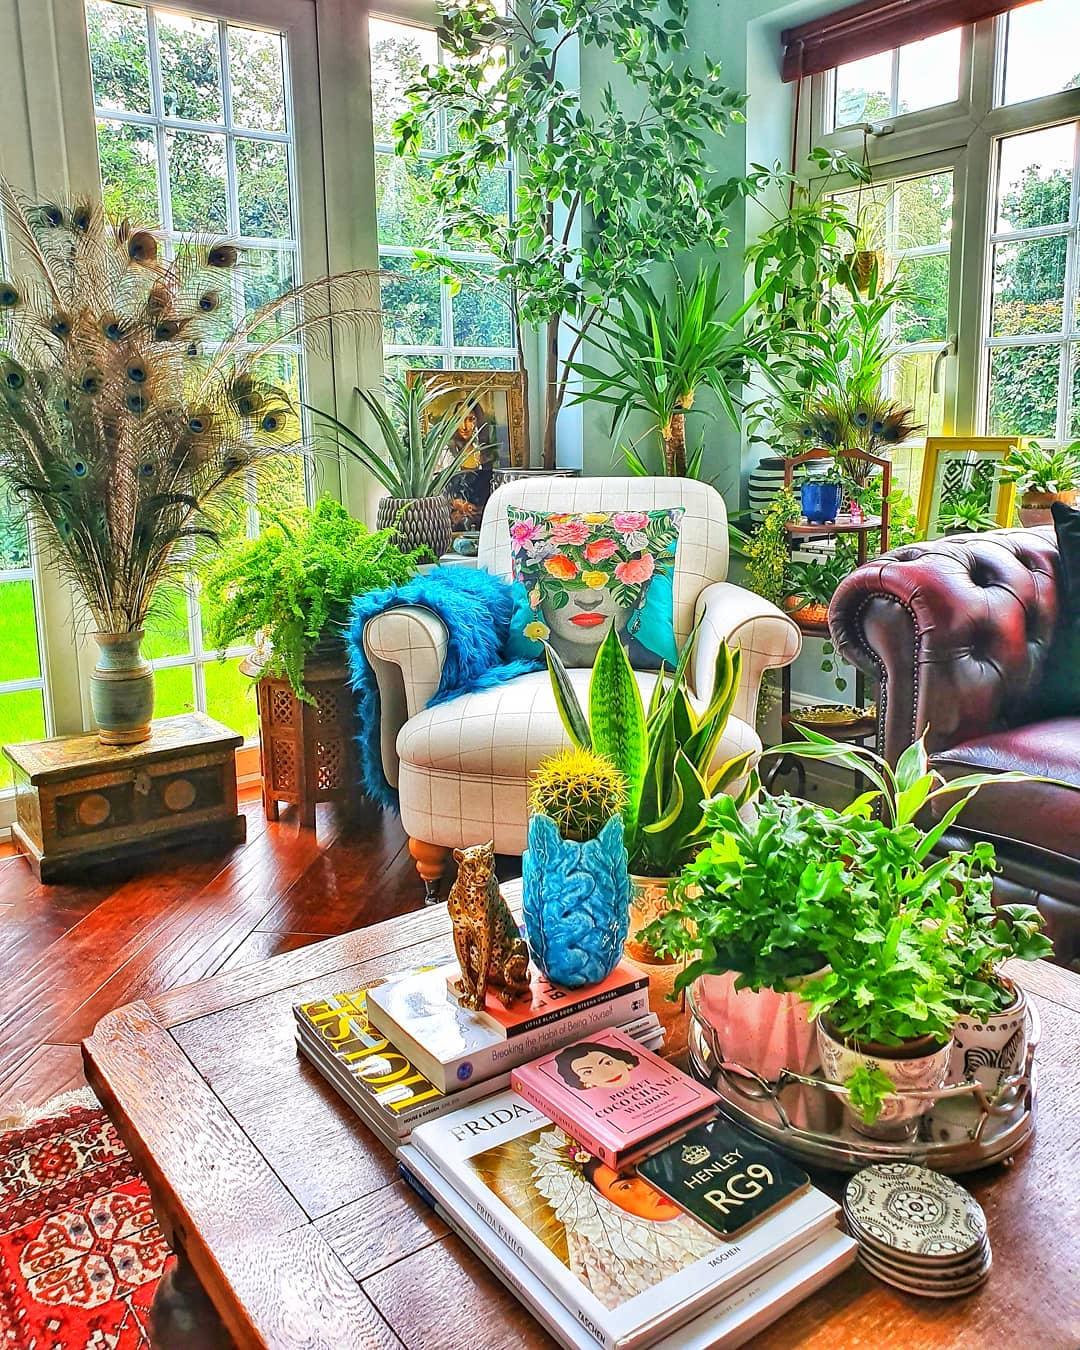 dekorativne biljke